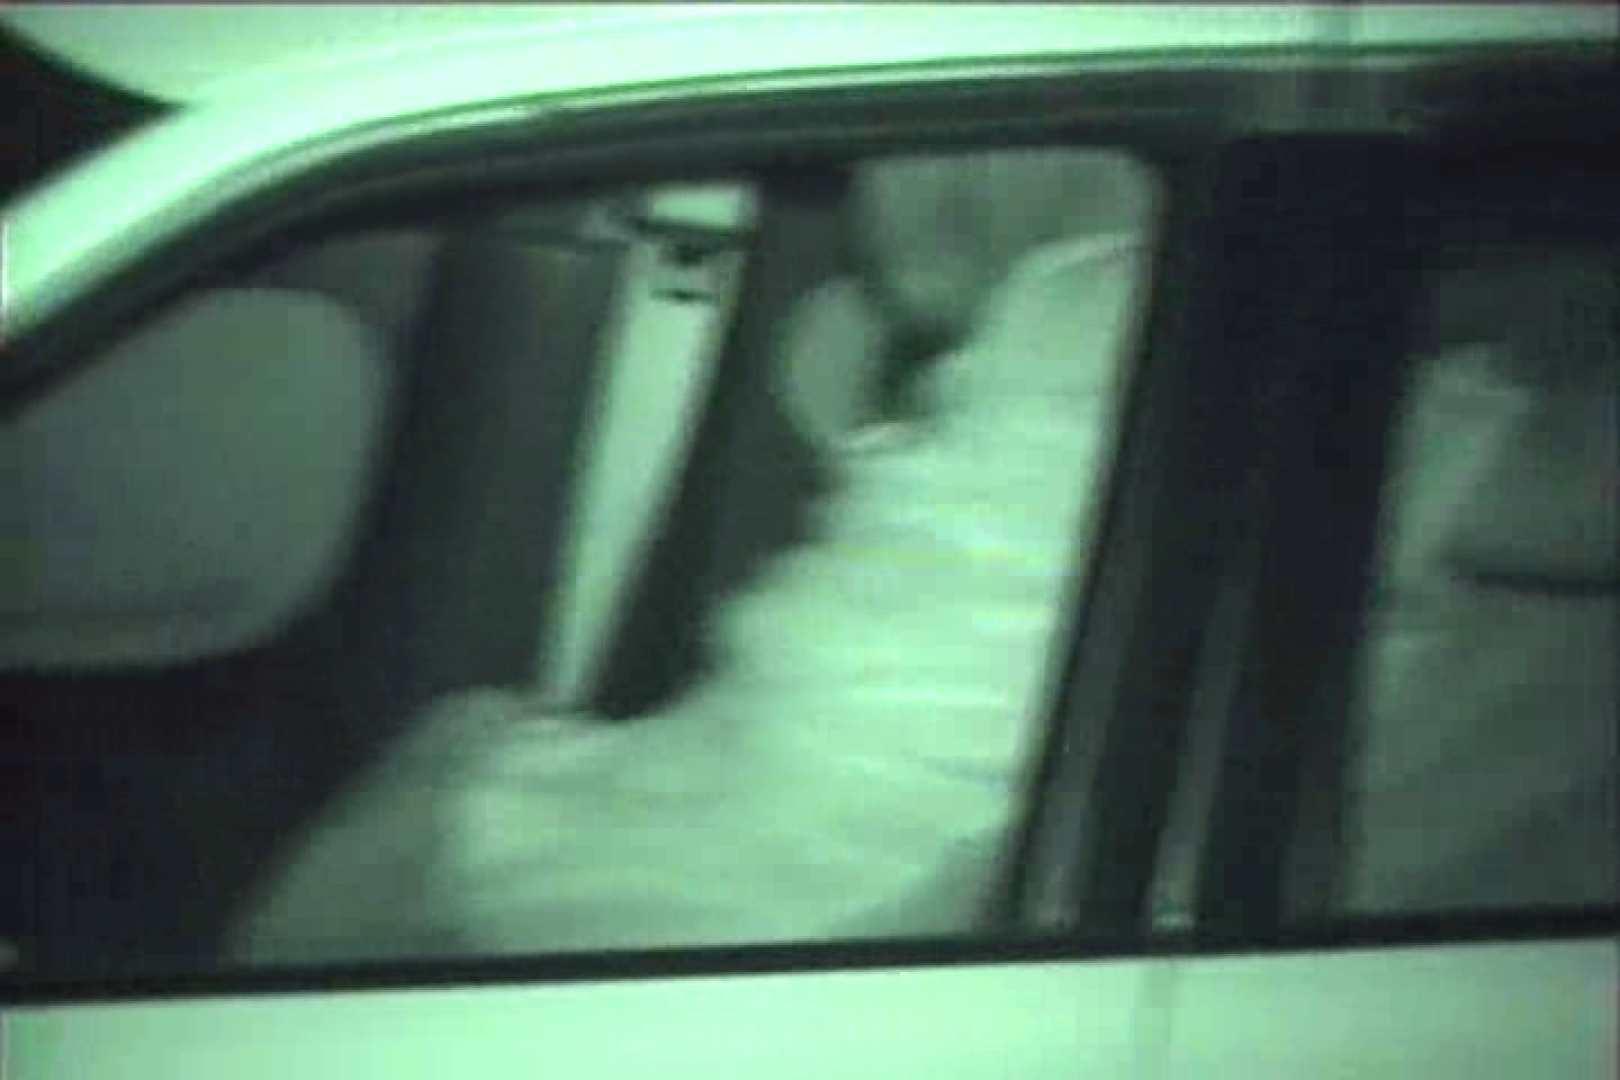 車の中はラブホテル 無修正版  Vol.17 エッチなセックス エロ画像 97画像 73